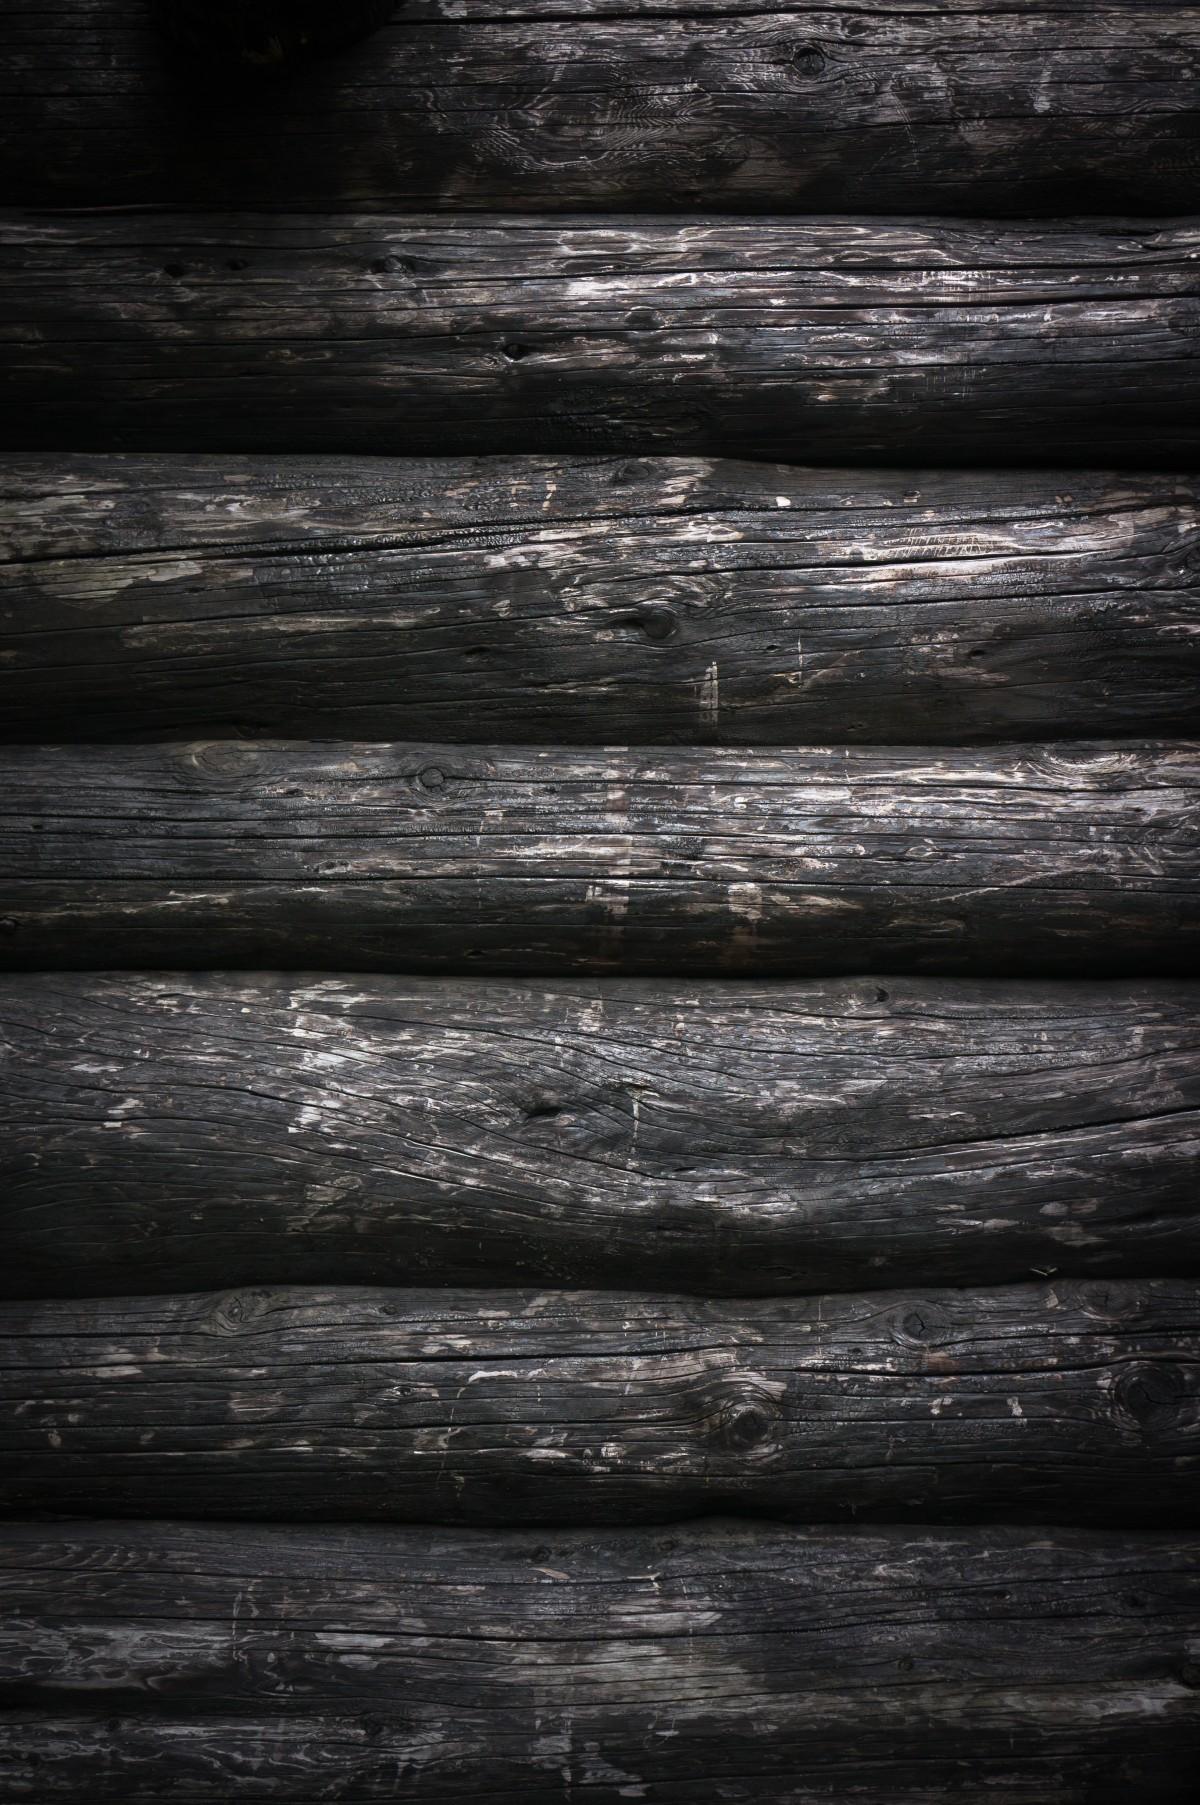 무료 이미지 : 나무, 분기, 검정색과 흰색, 목재, 조직, 내부 ...